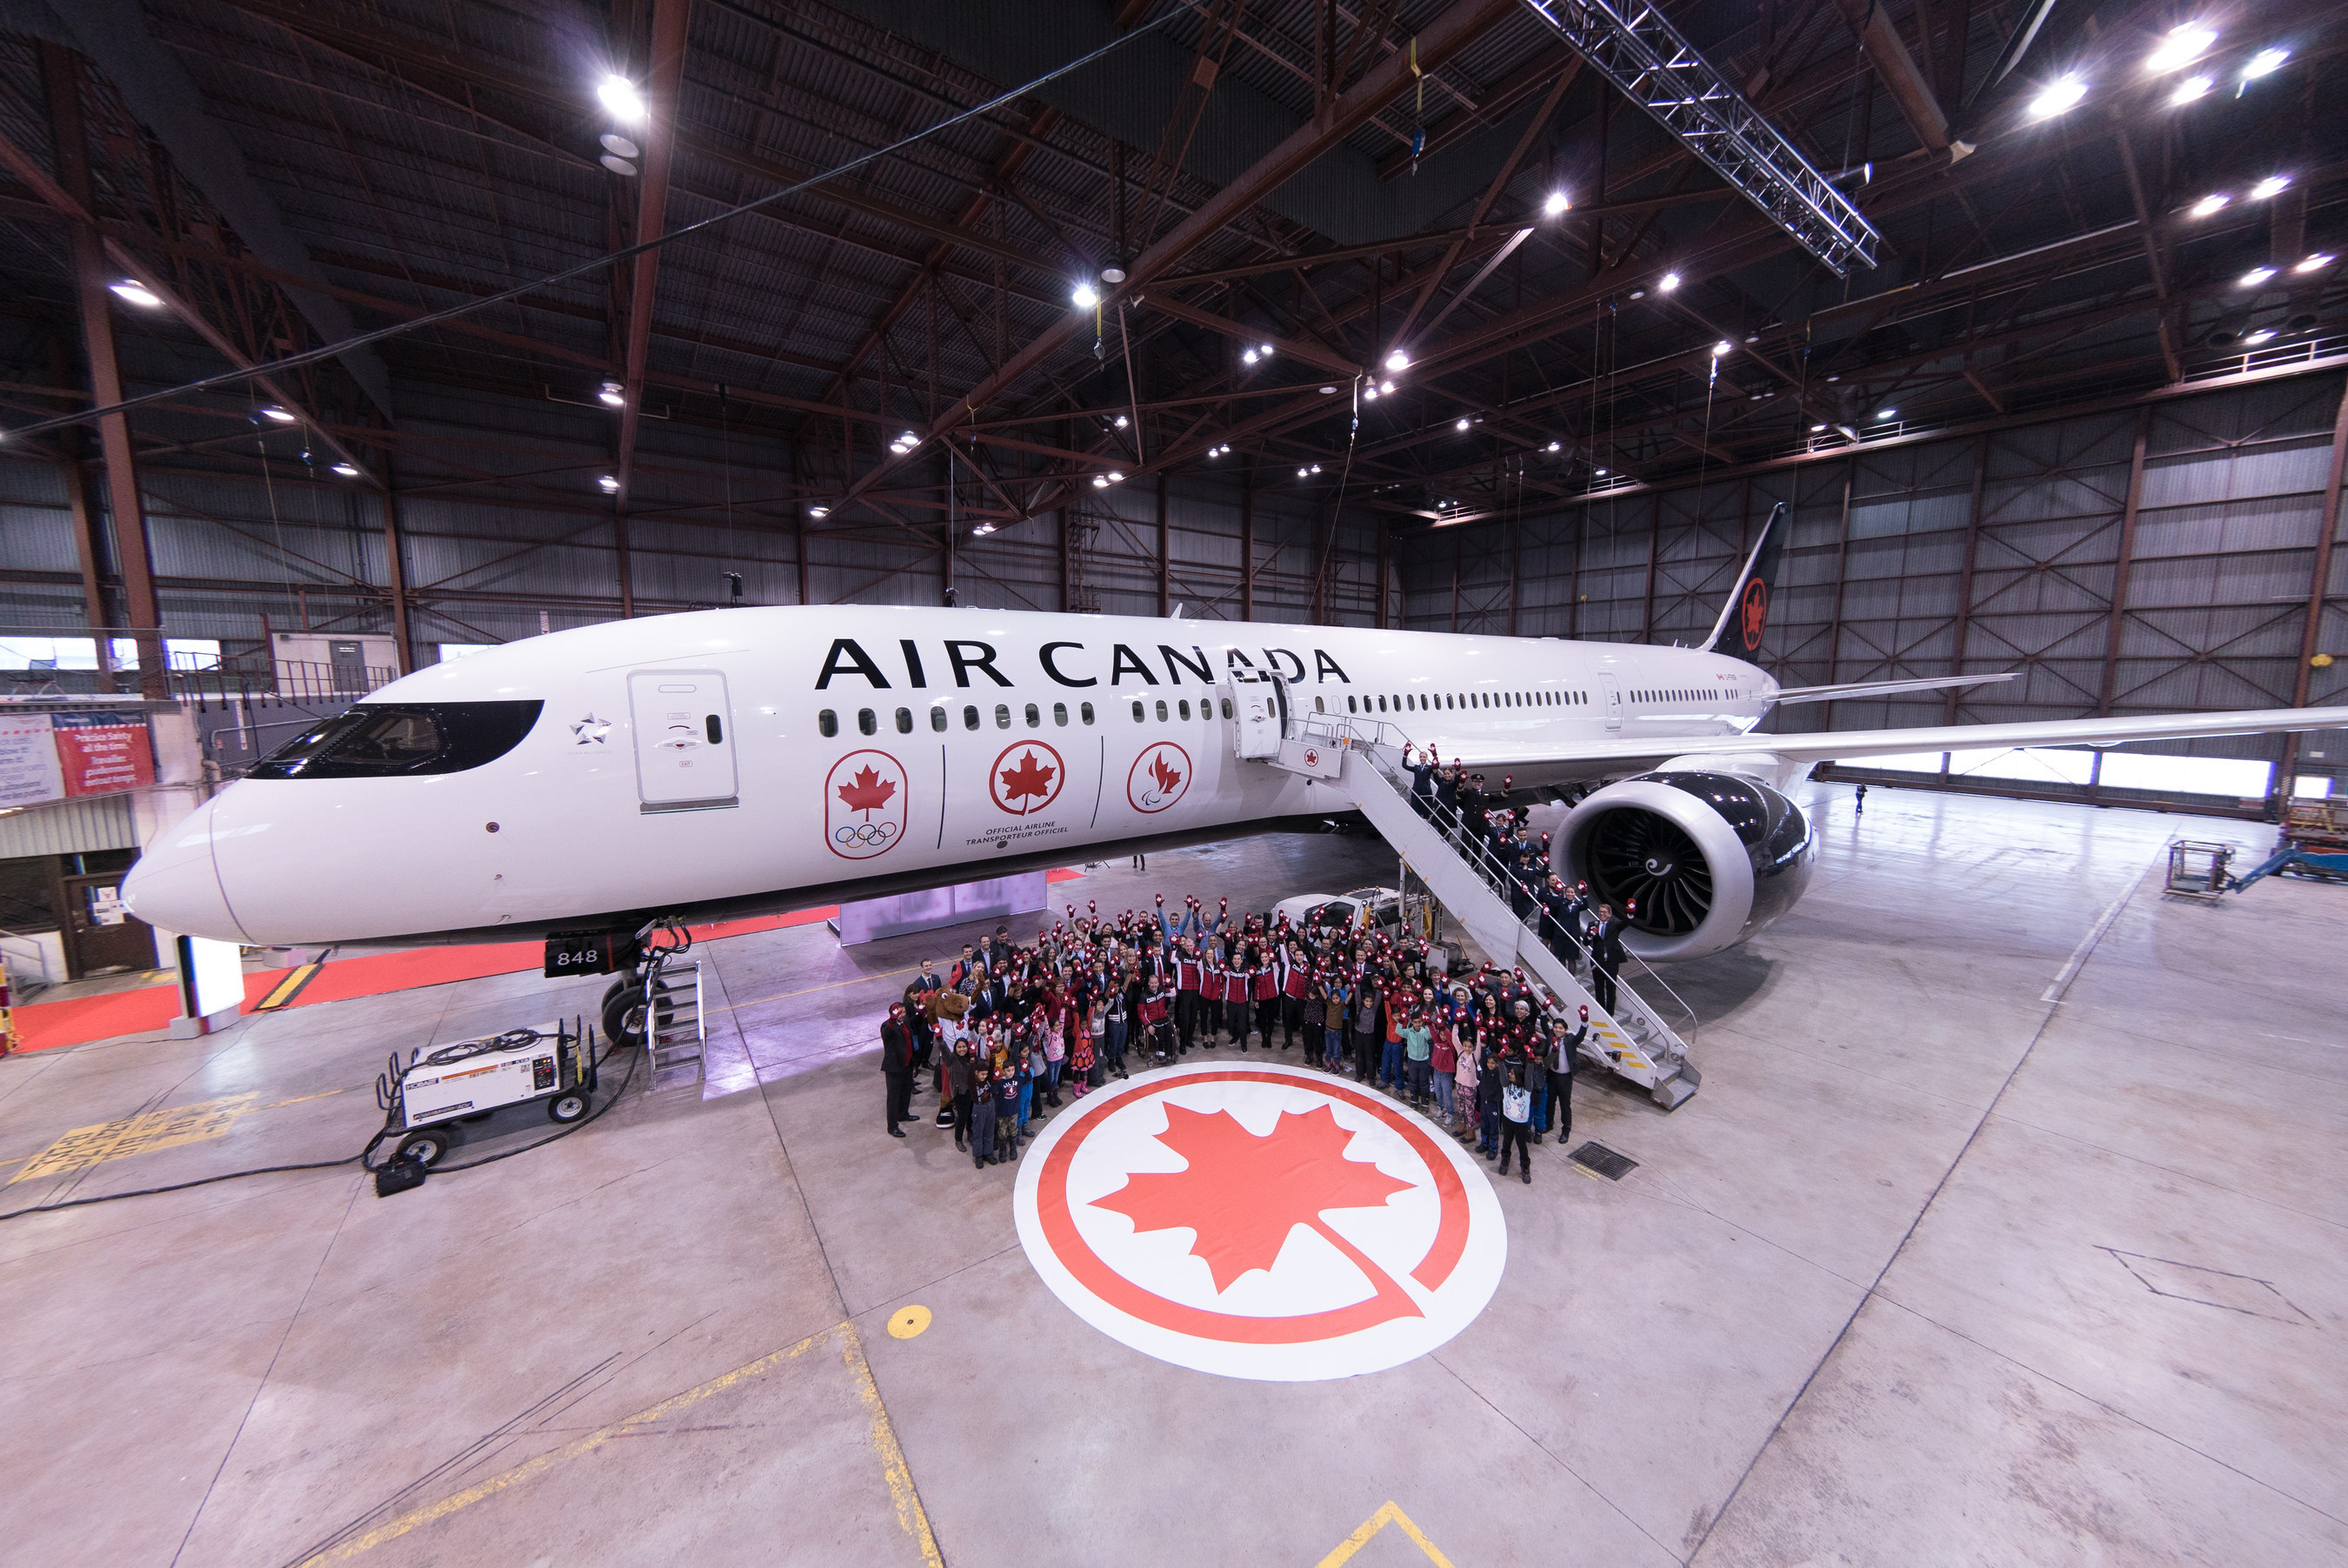 Air Canada Checks Cartagena Off A Long List Of New